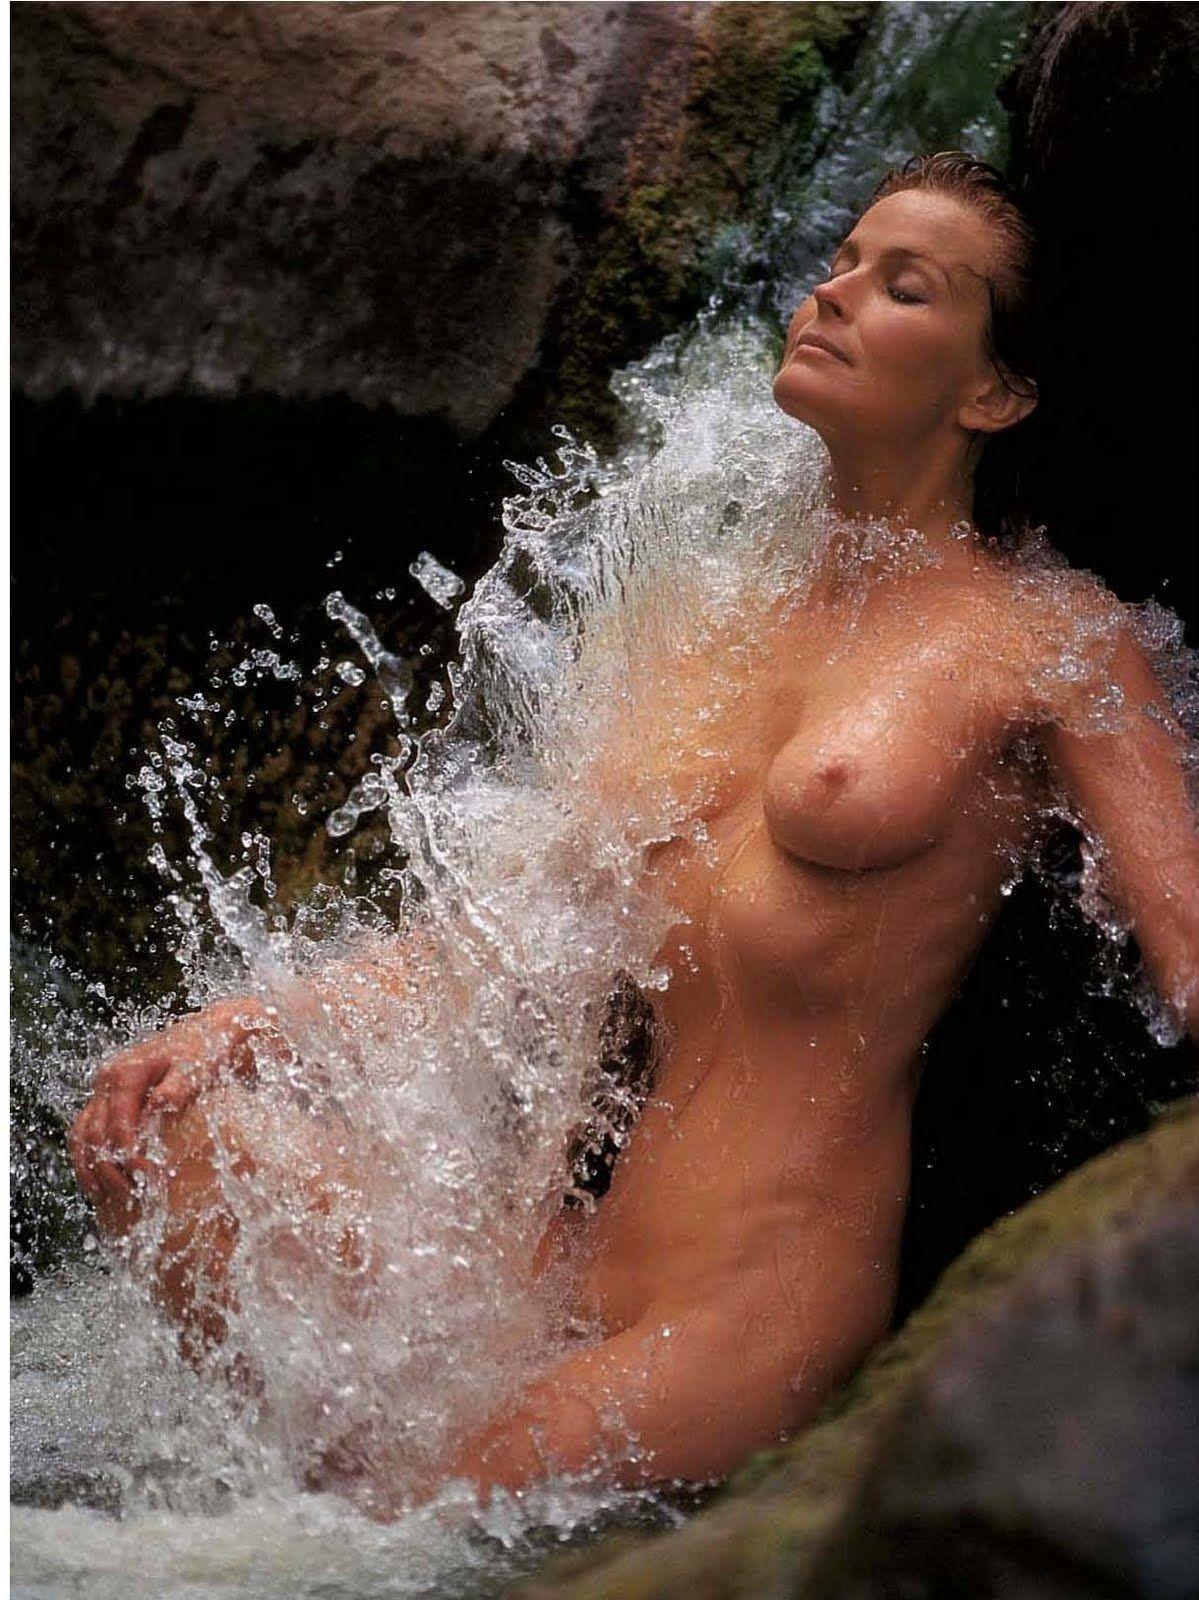 Haiducii Nude haiducii nude    torbandlise